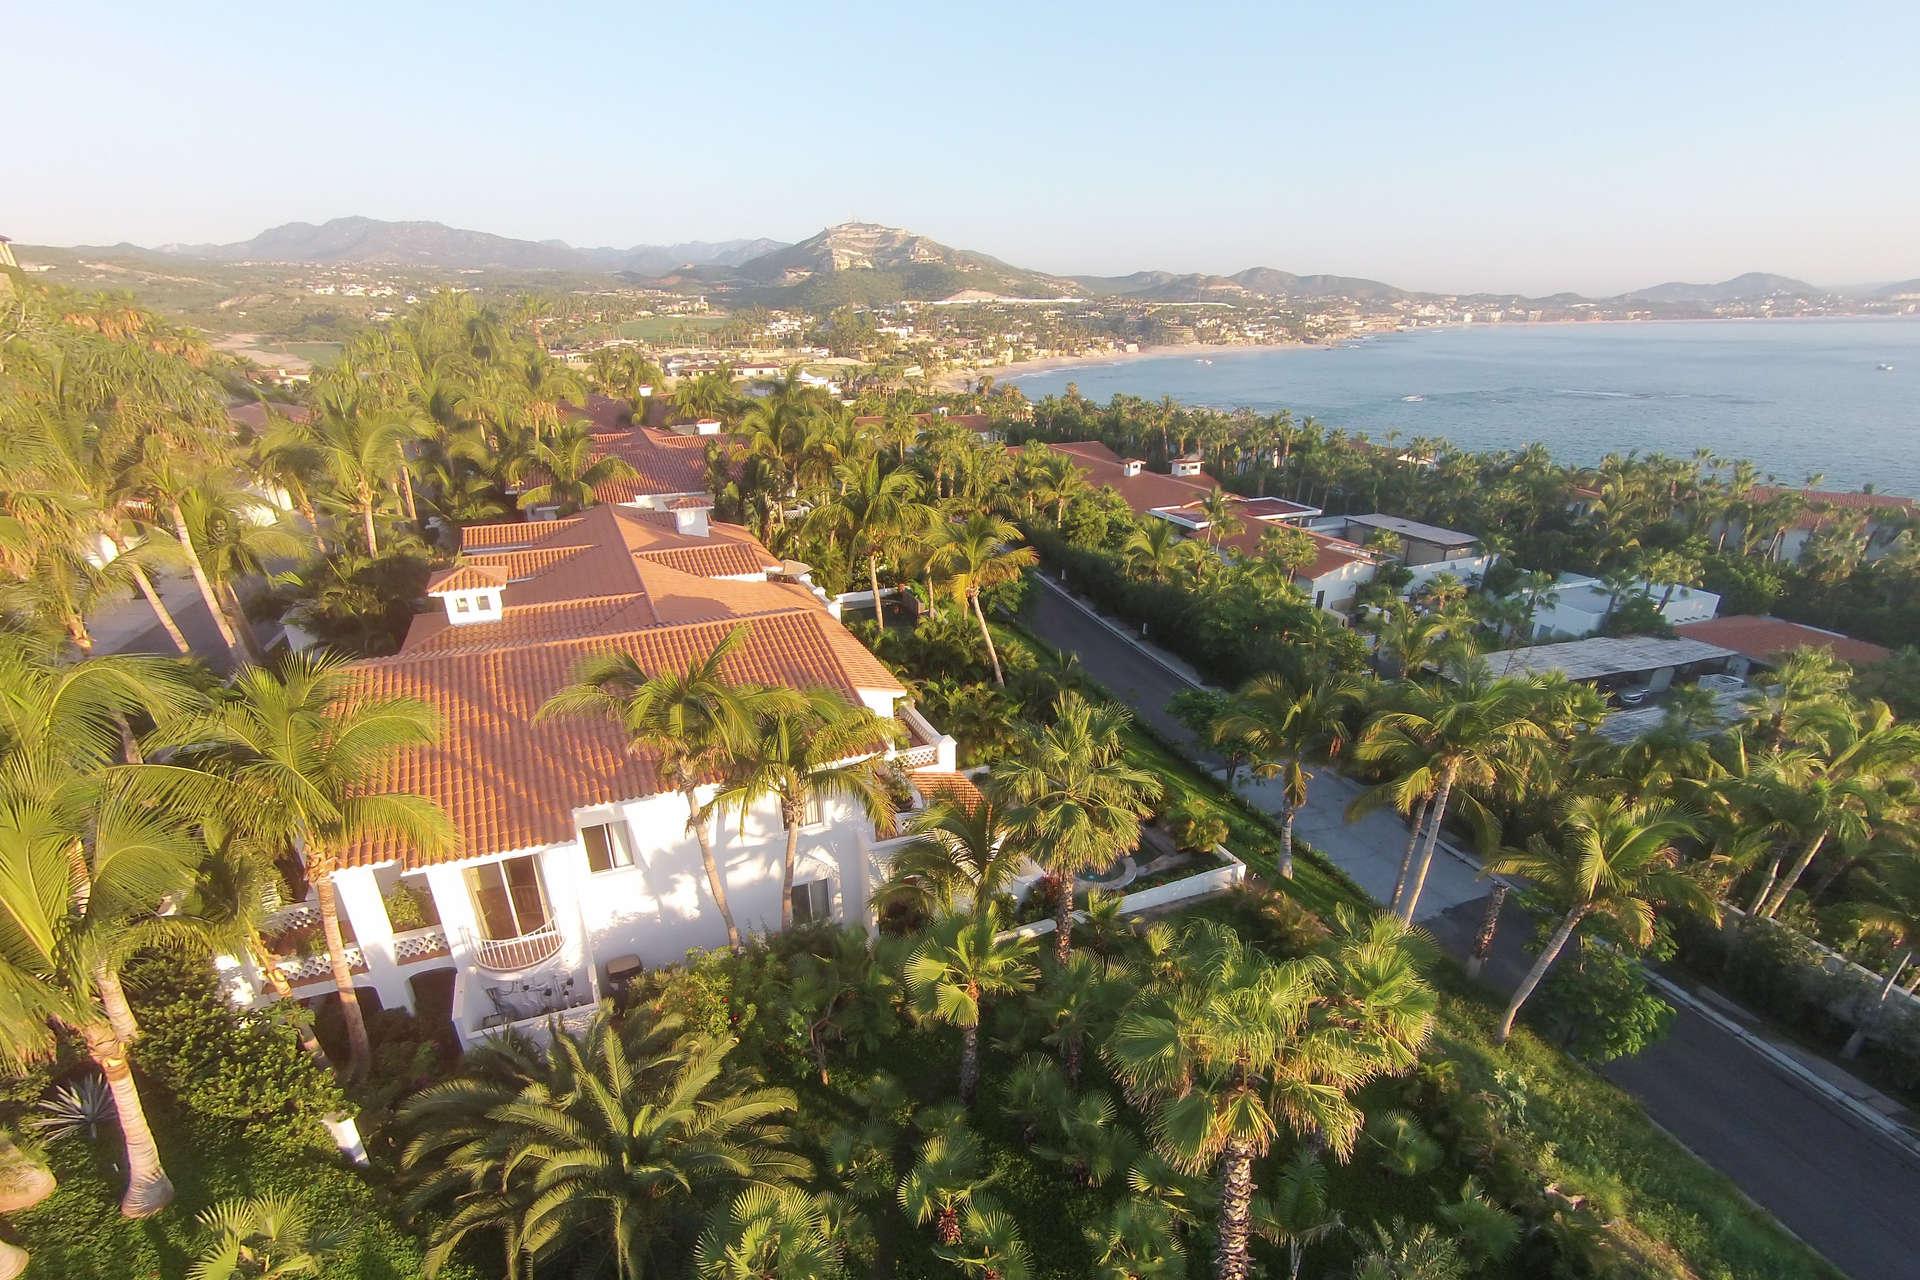 Luxury vacation rentals mexico - Los cabos - Los cabos corridor - Palmilla - Palmilla Retreat - Image 1/23